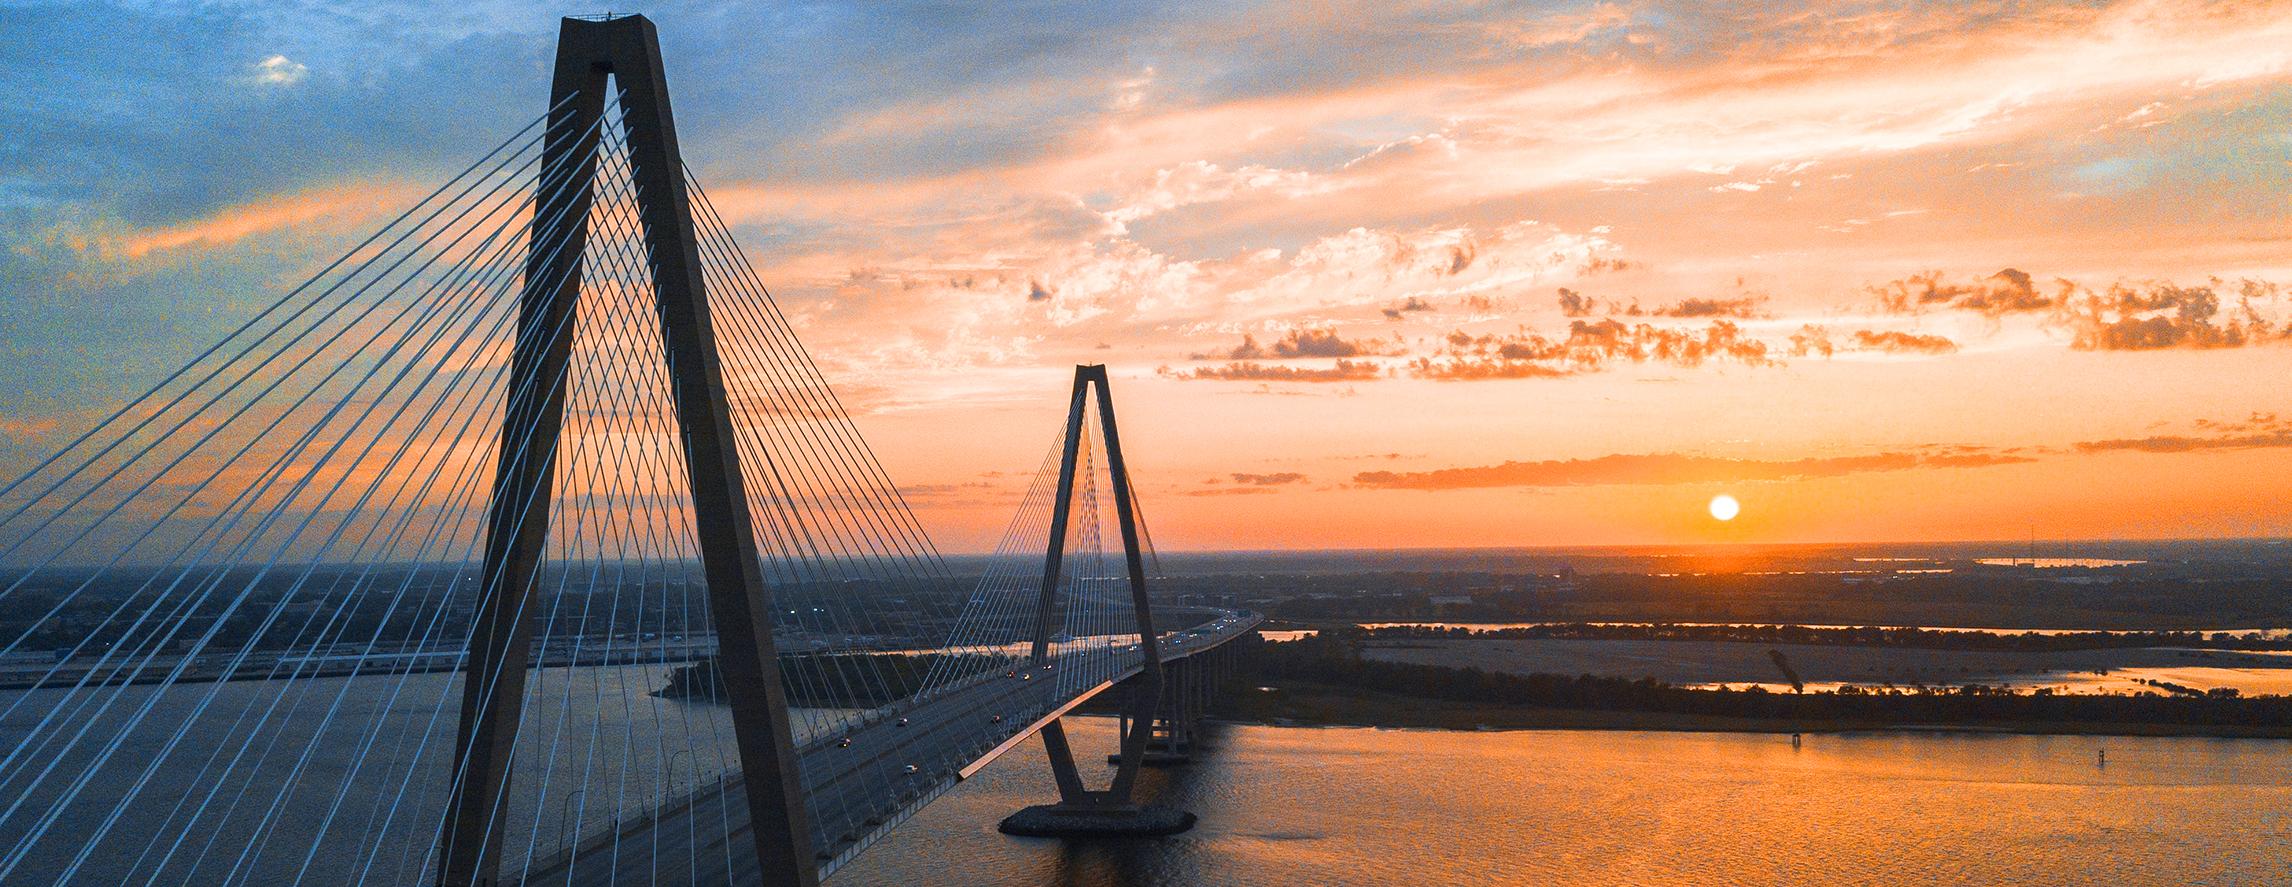 CharlestonBanner.jpg